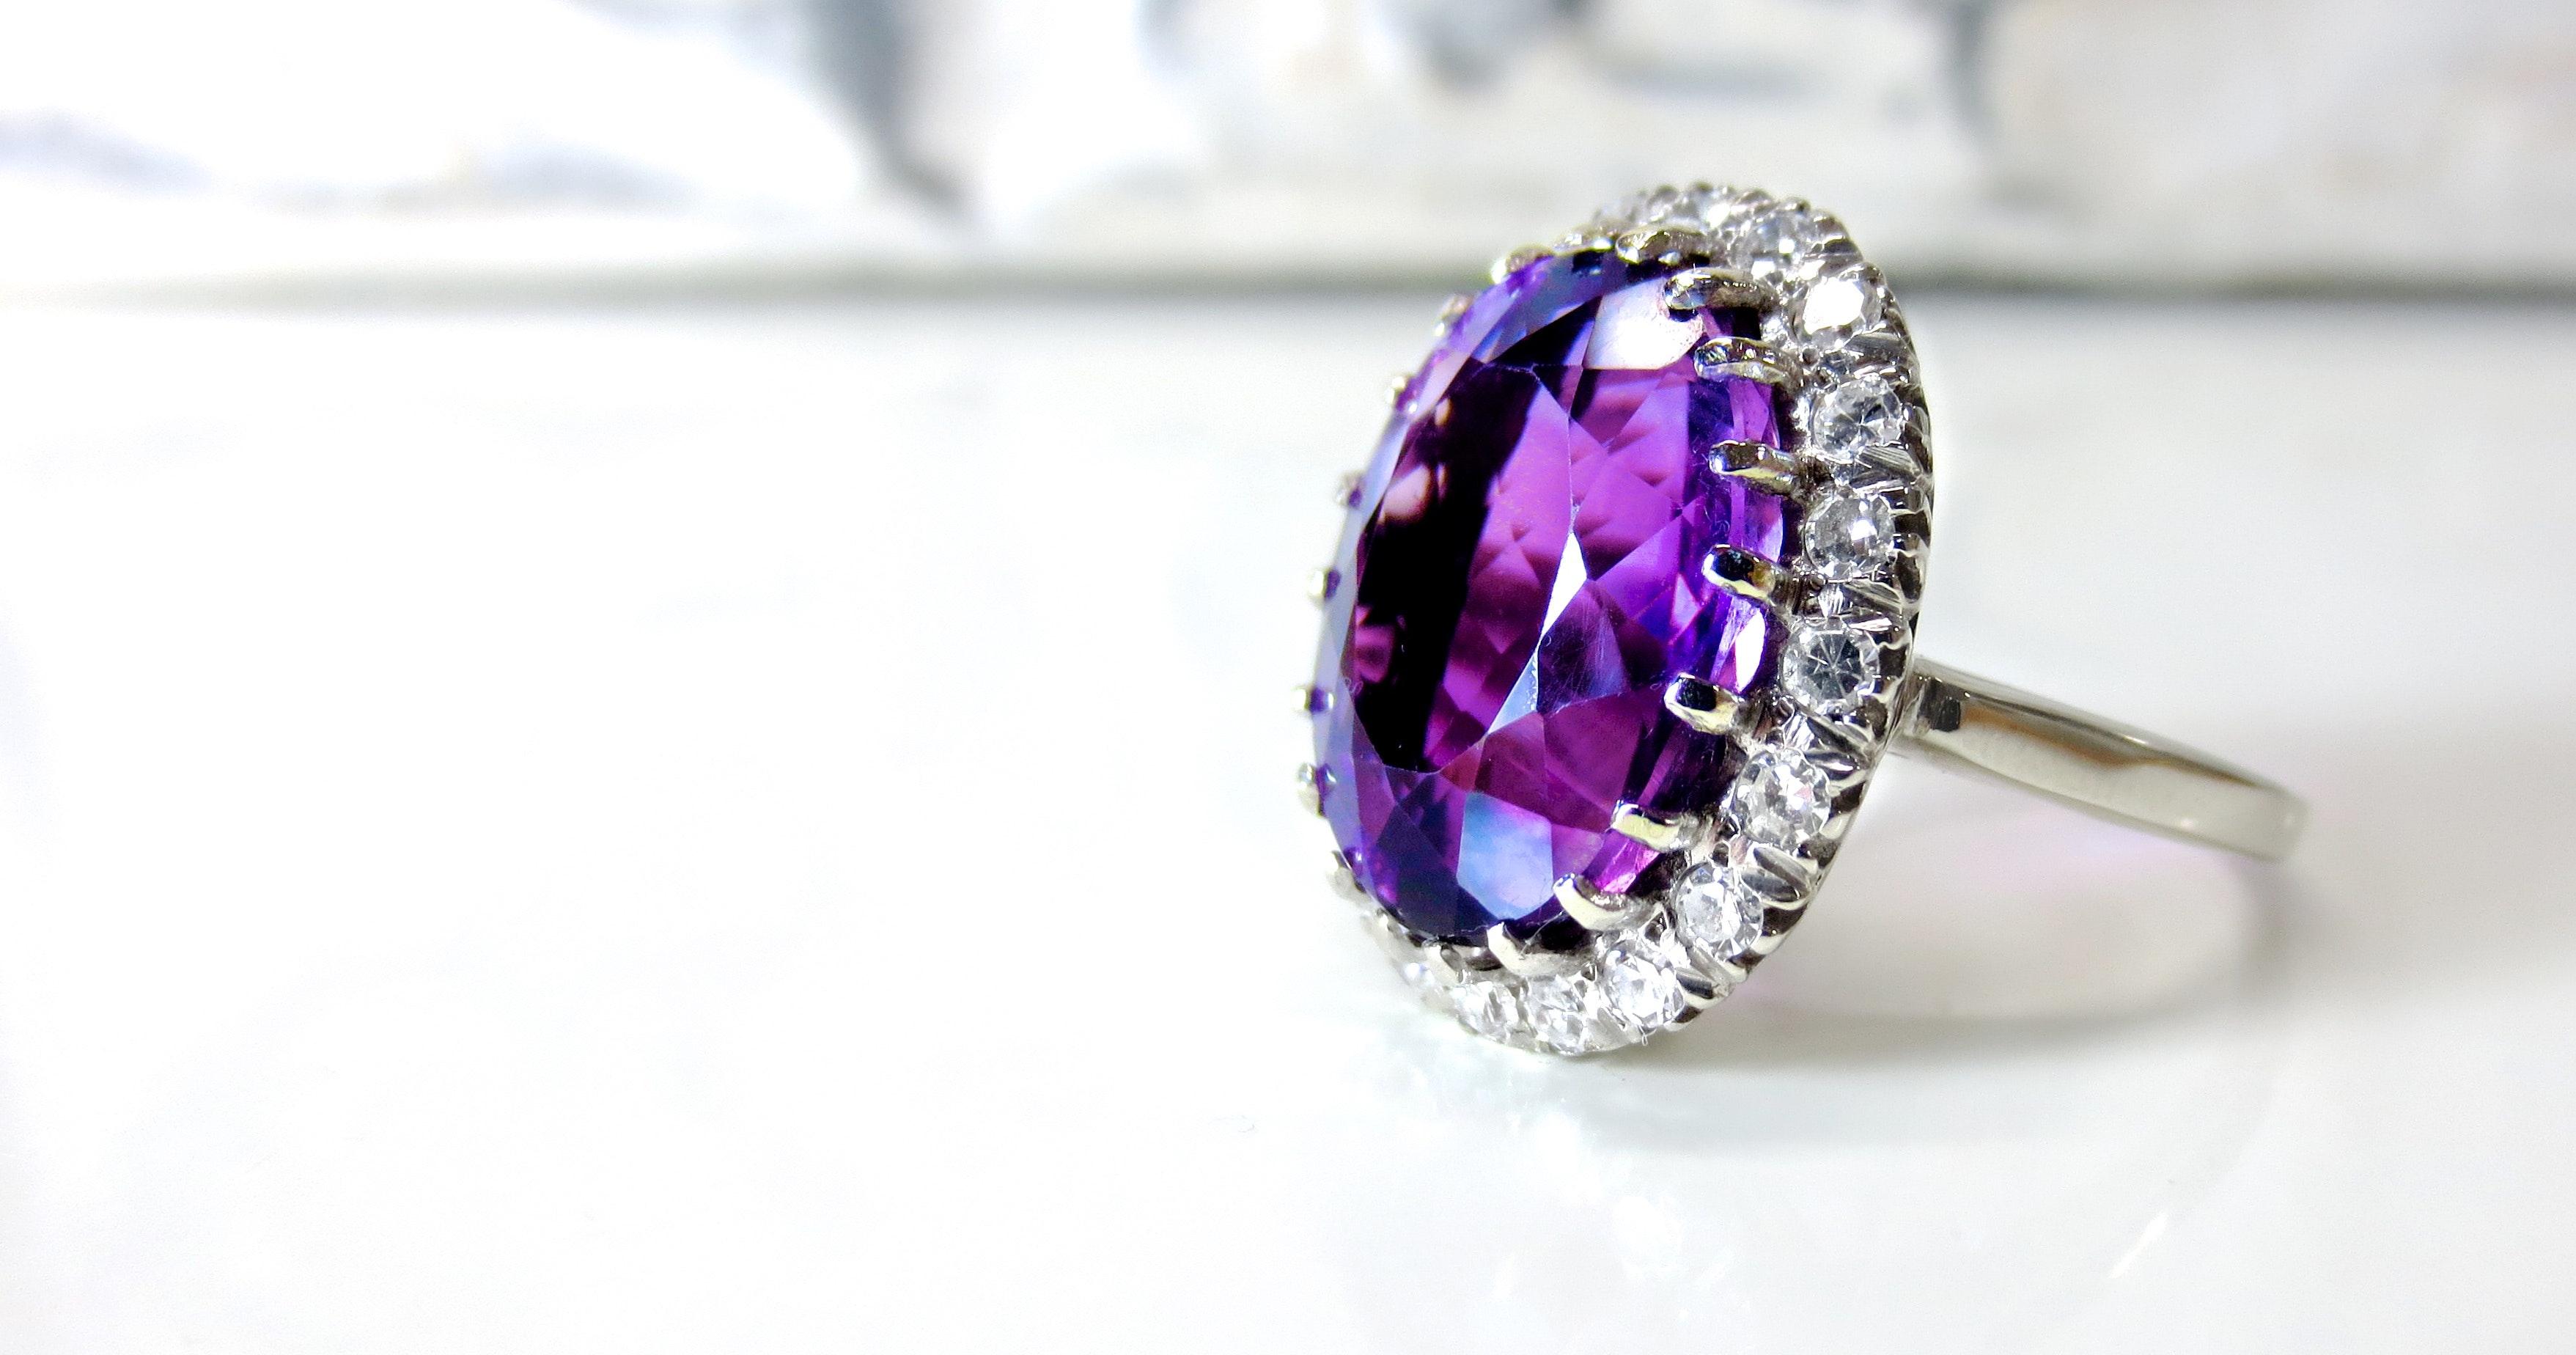 Smykkesteiner fremhever eierens egen skjønnhet